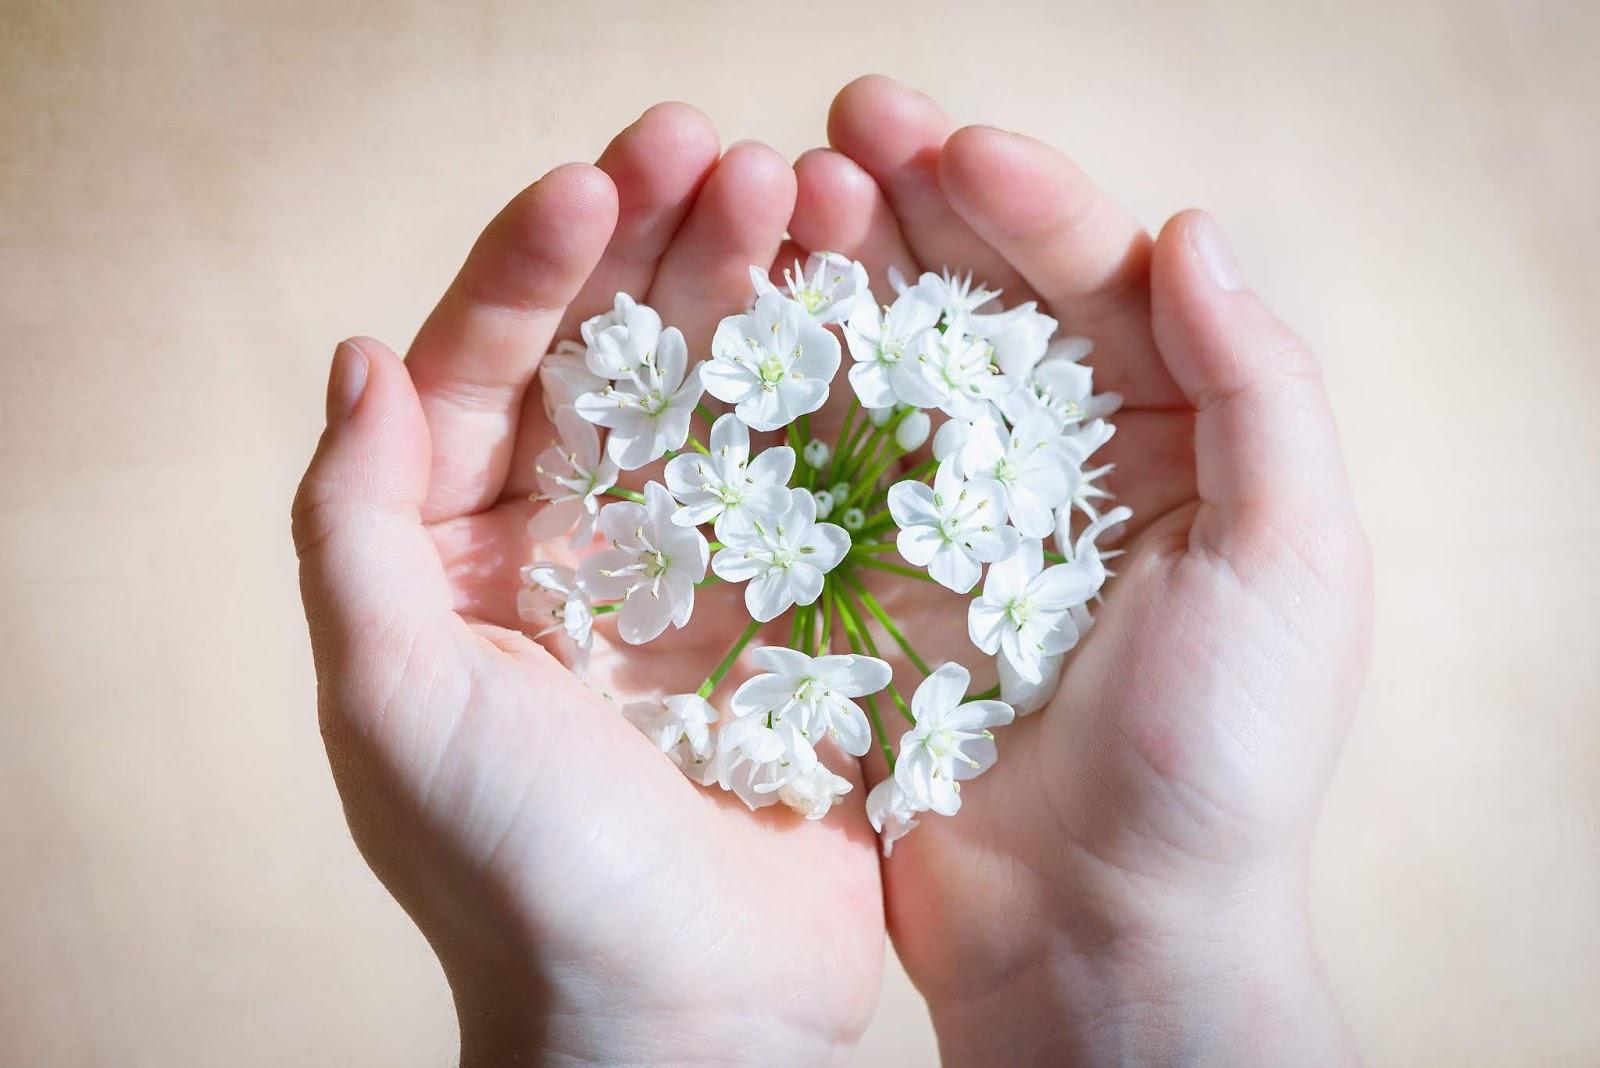 Mãos tumblr, flores, mãos com flores